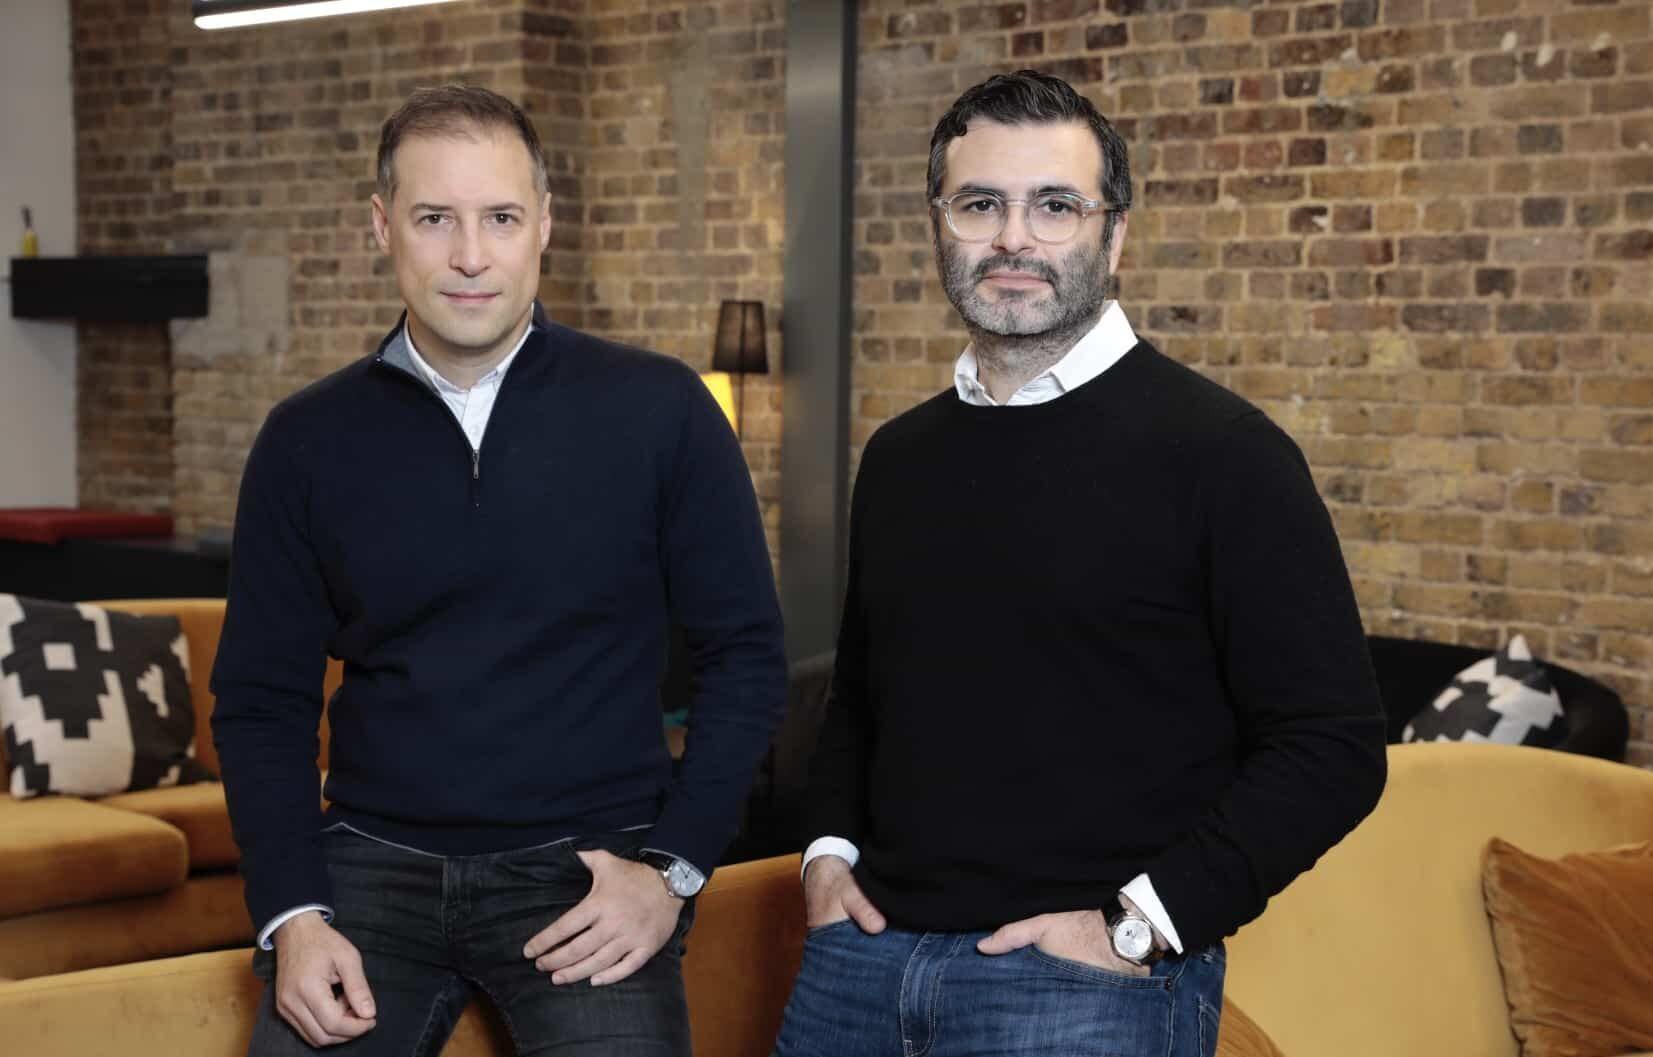 Plentific co-founders